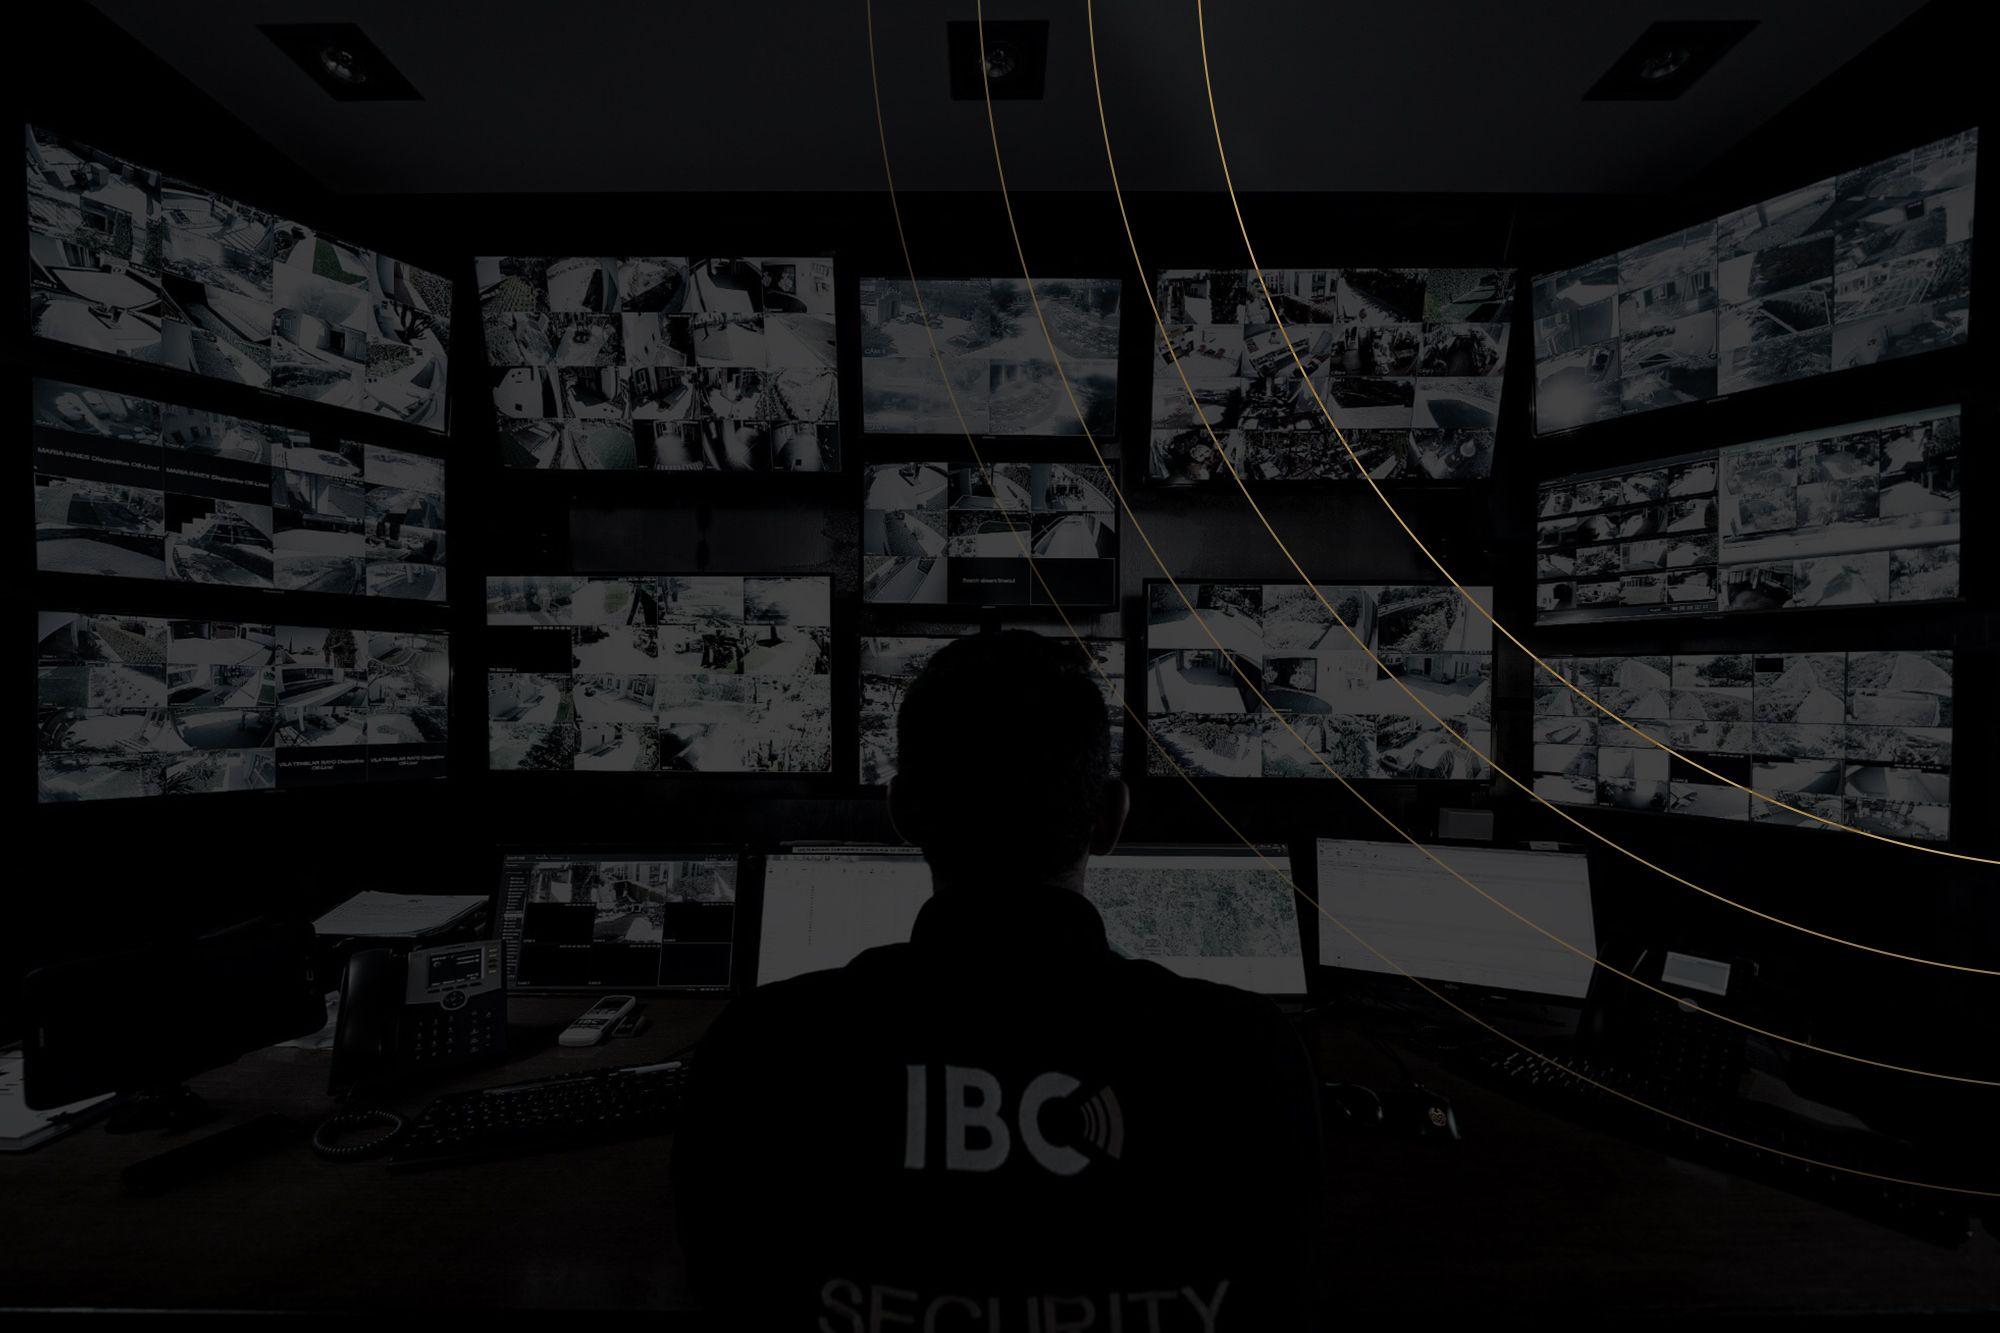 Segurança e Proteção de Espaços Comerciais